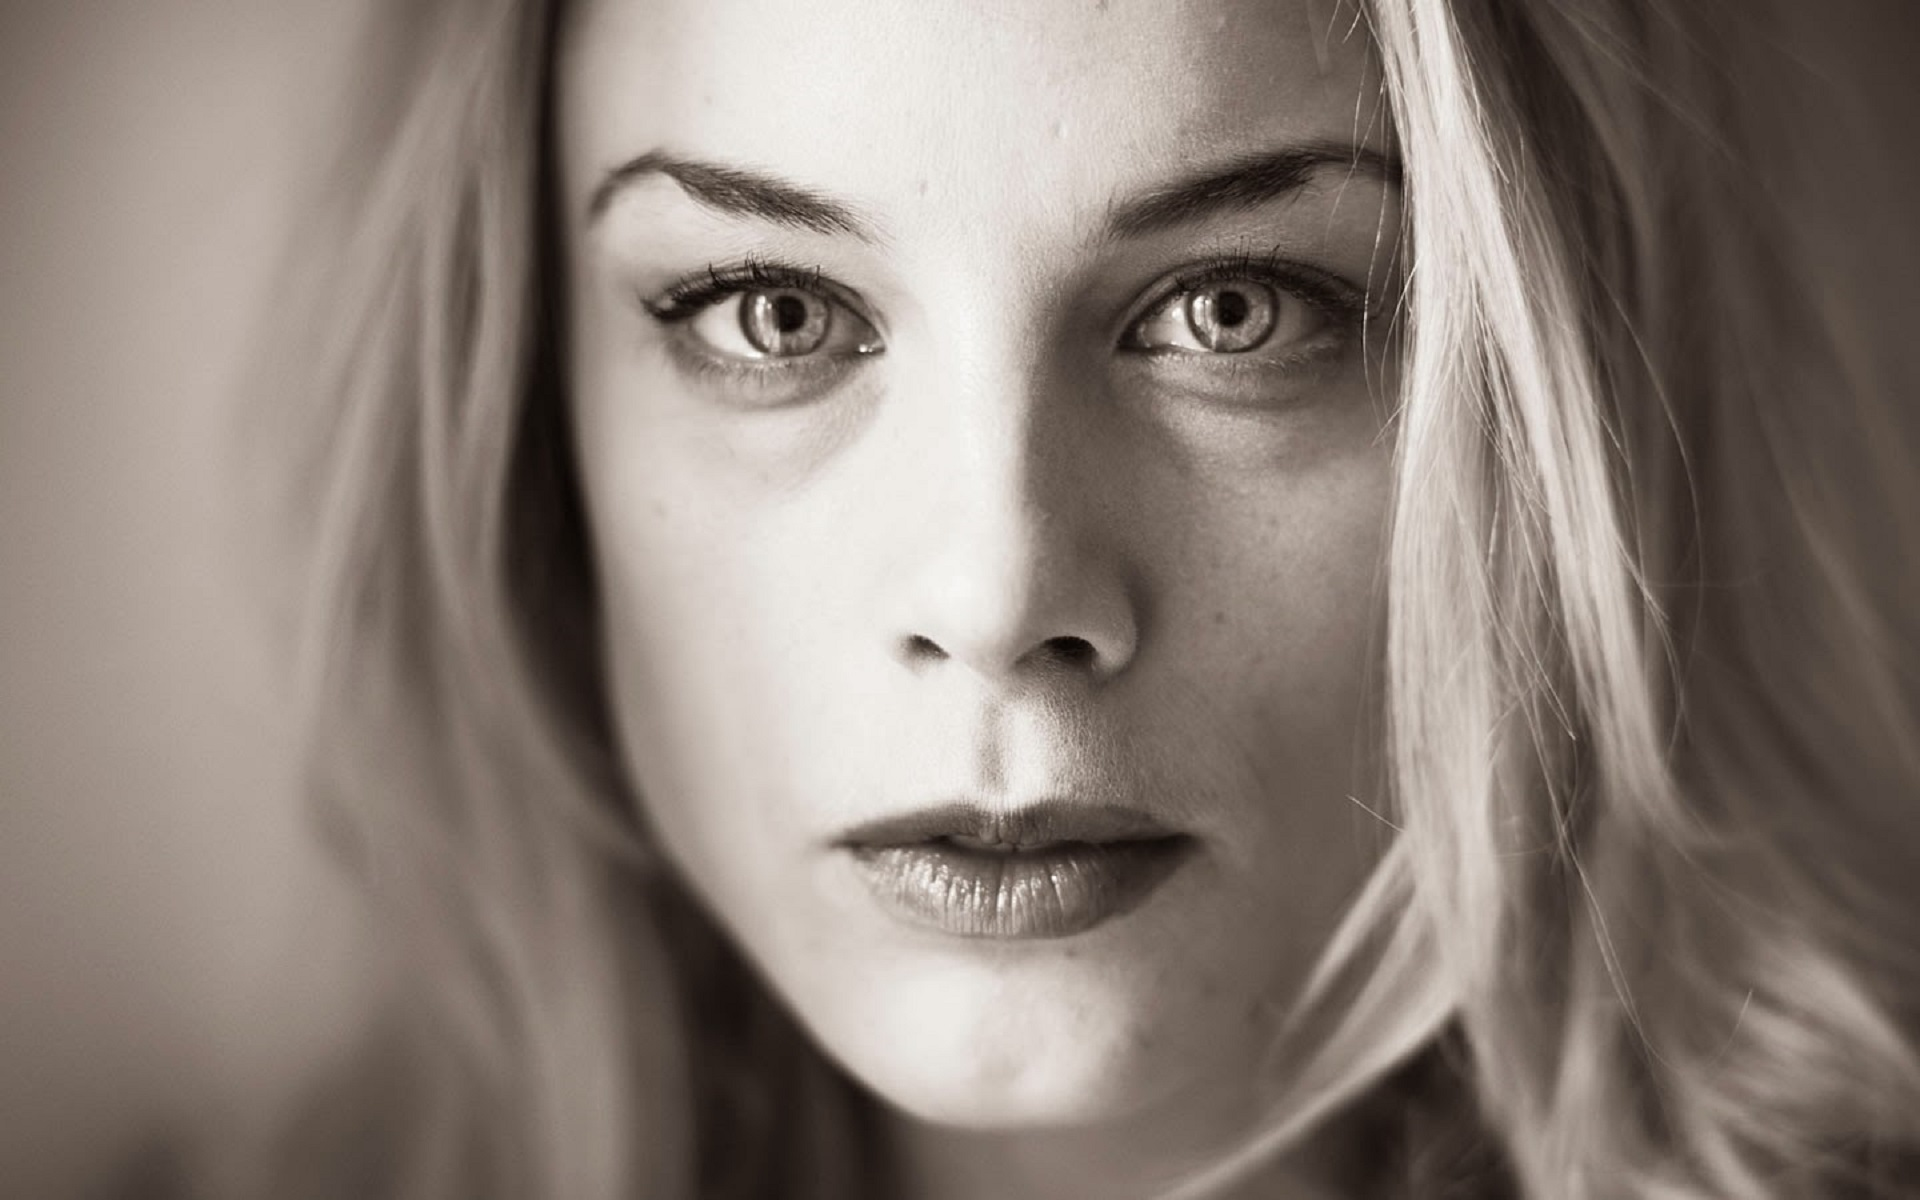 Ida Engvoll Face Wallpaper 60885 1920x1200px